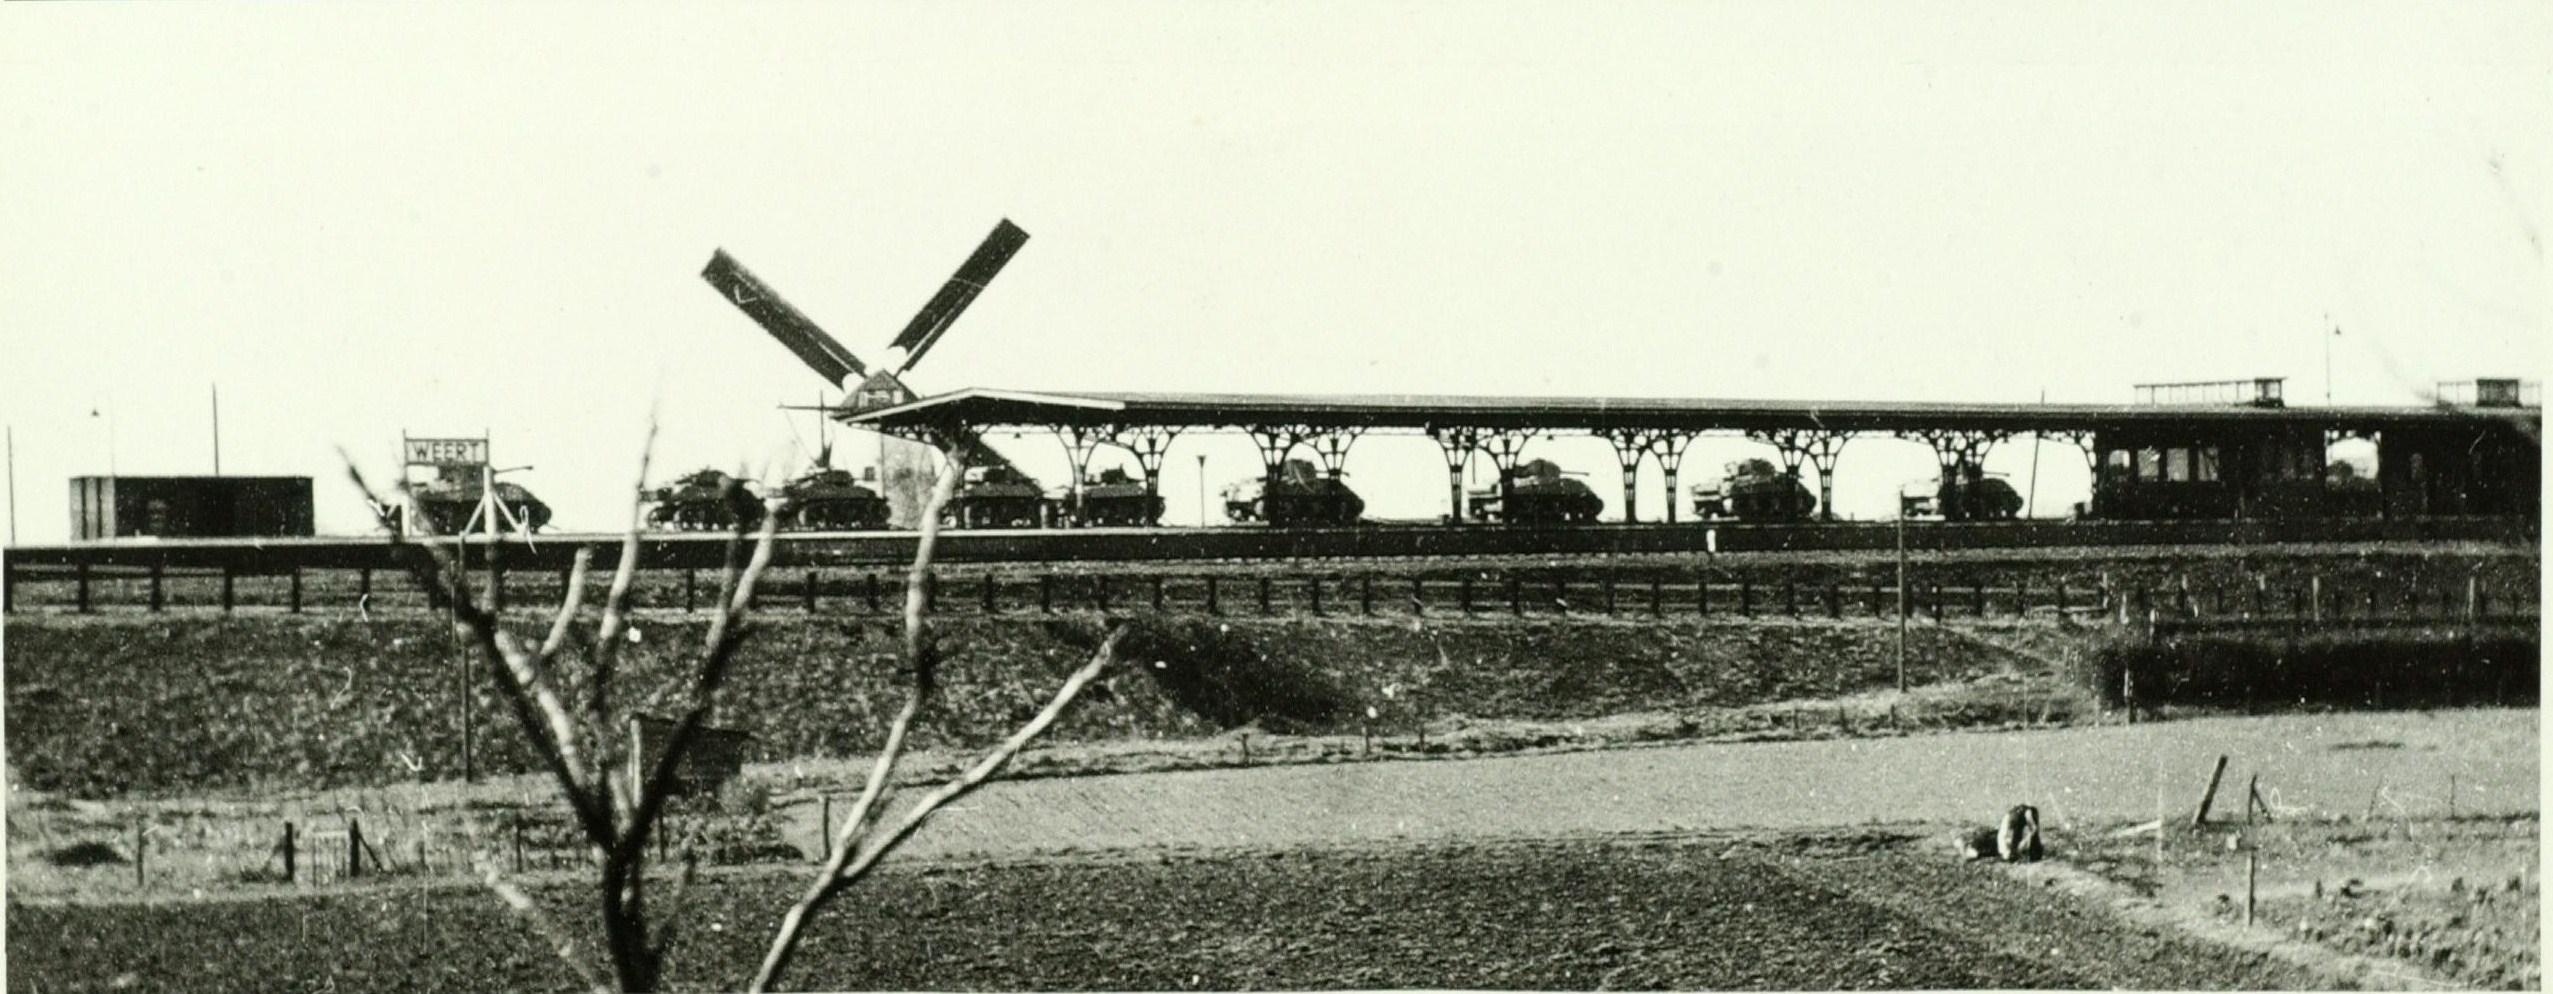 Een andere unieke foto van Weert tijdens W.O.II. Engelse tanks staan op het NS station klaar voor verder transport. Op de achtergrond de Boonesmolen